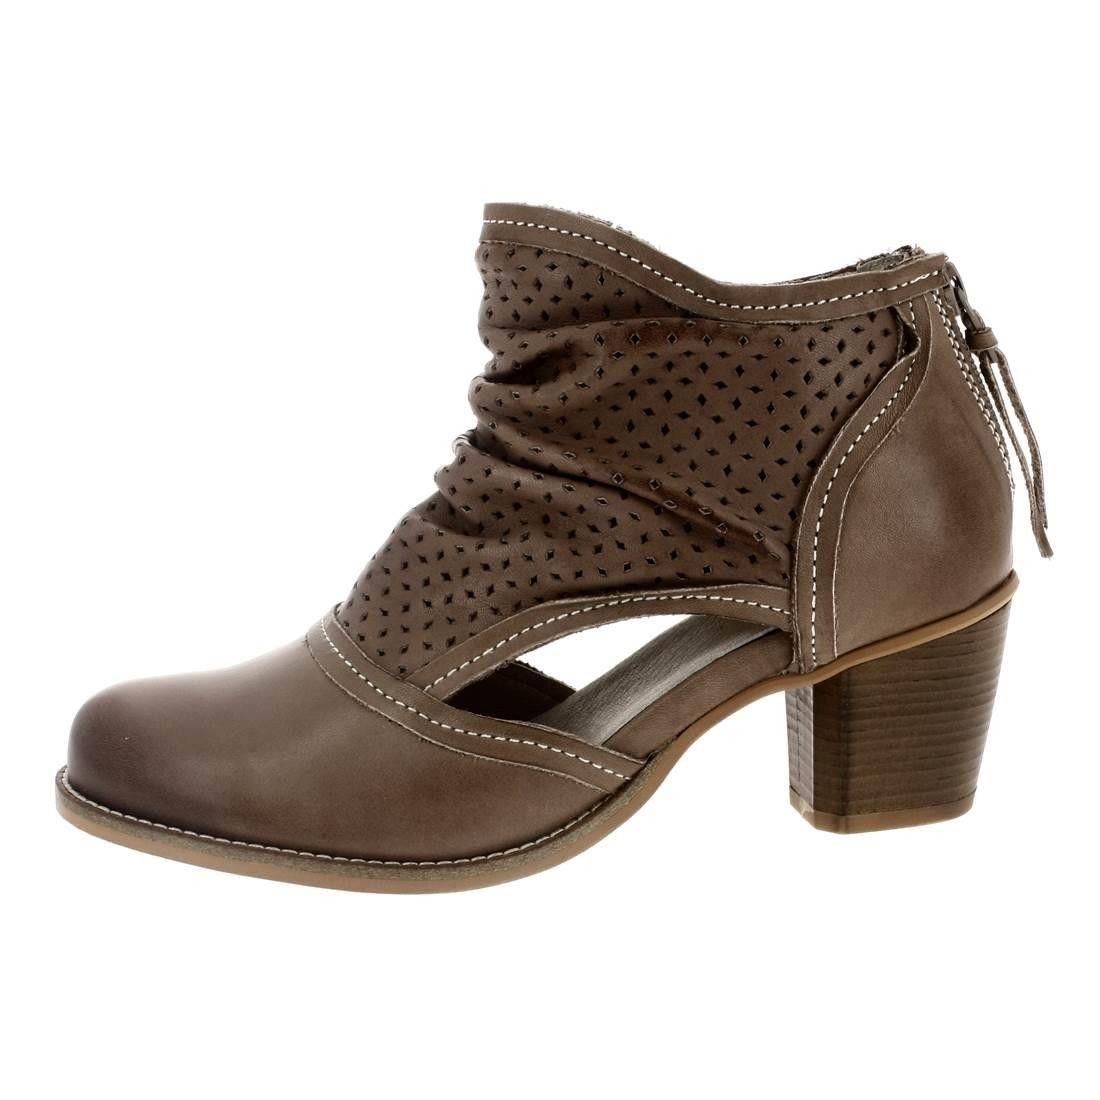 Bottine Femme Hiver Comfortable Peluche Classique Boots BMMJ-XZ014Jaune-35 UvN64E